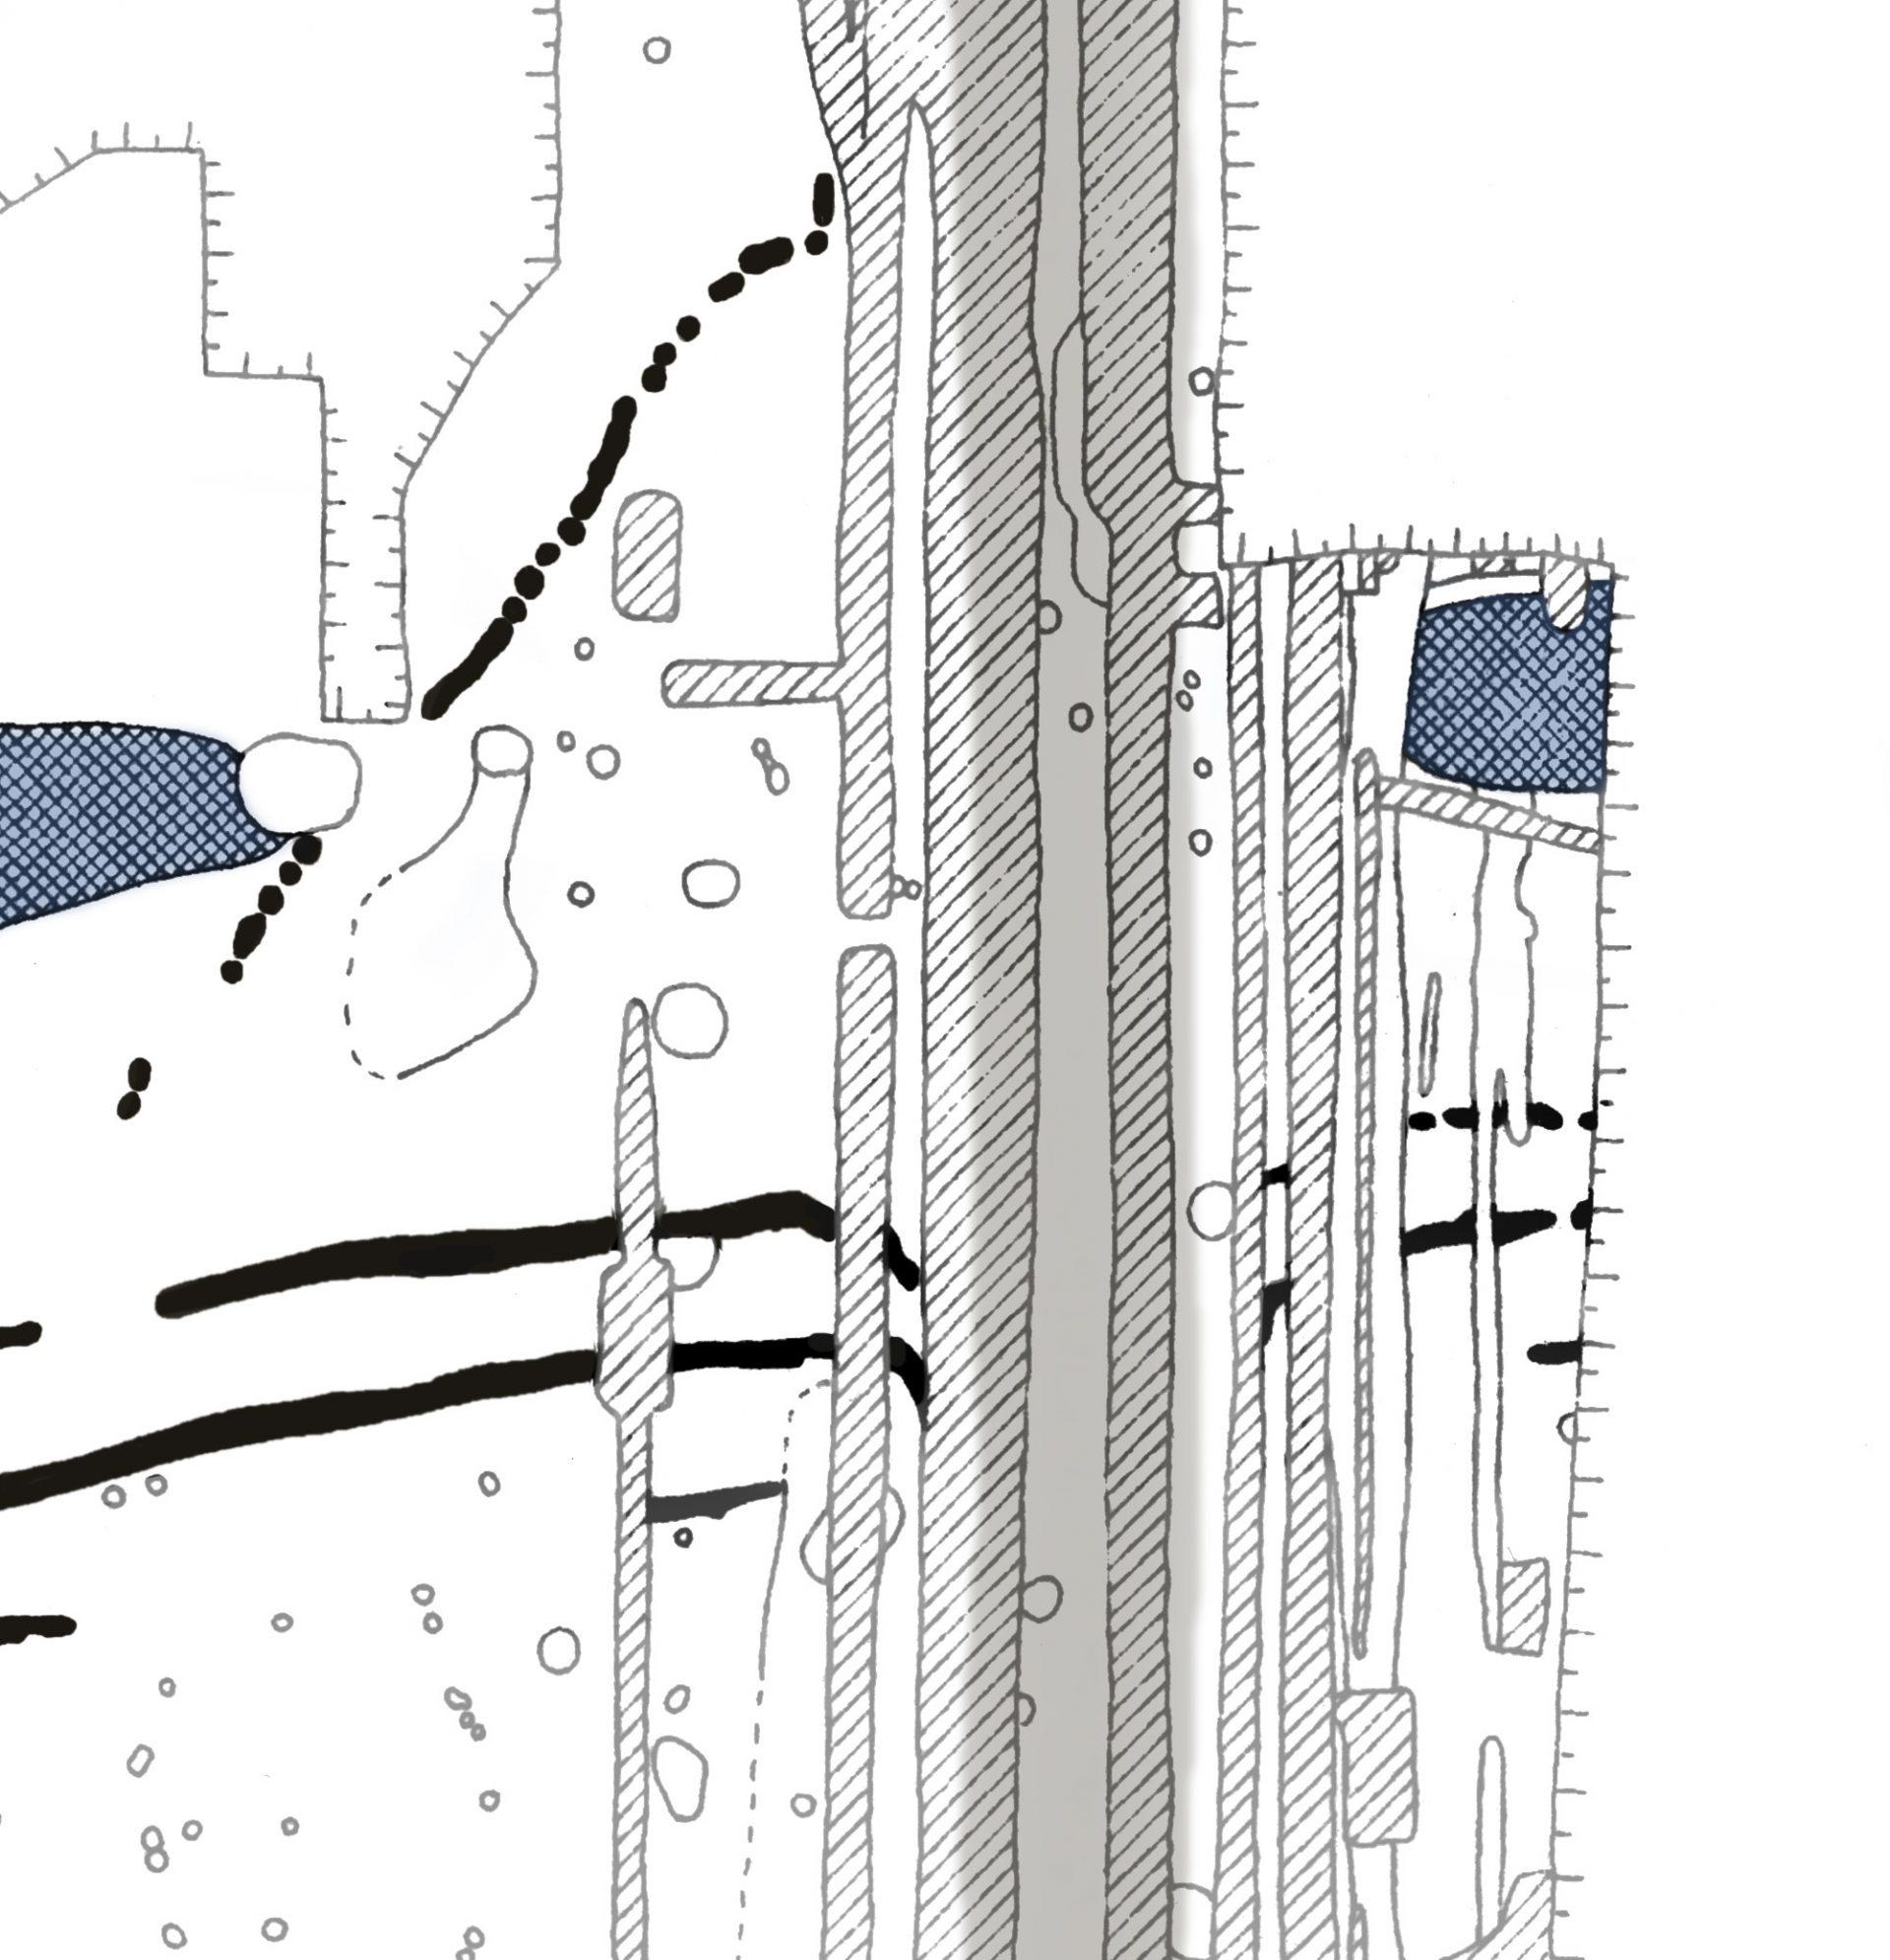 Utsnitt av arkeologernas teckning. Visar Norrporten.